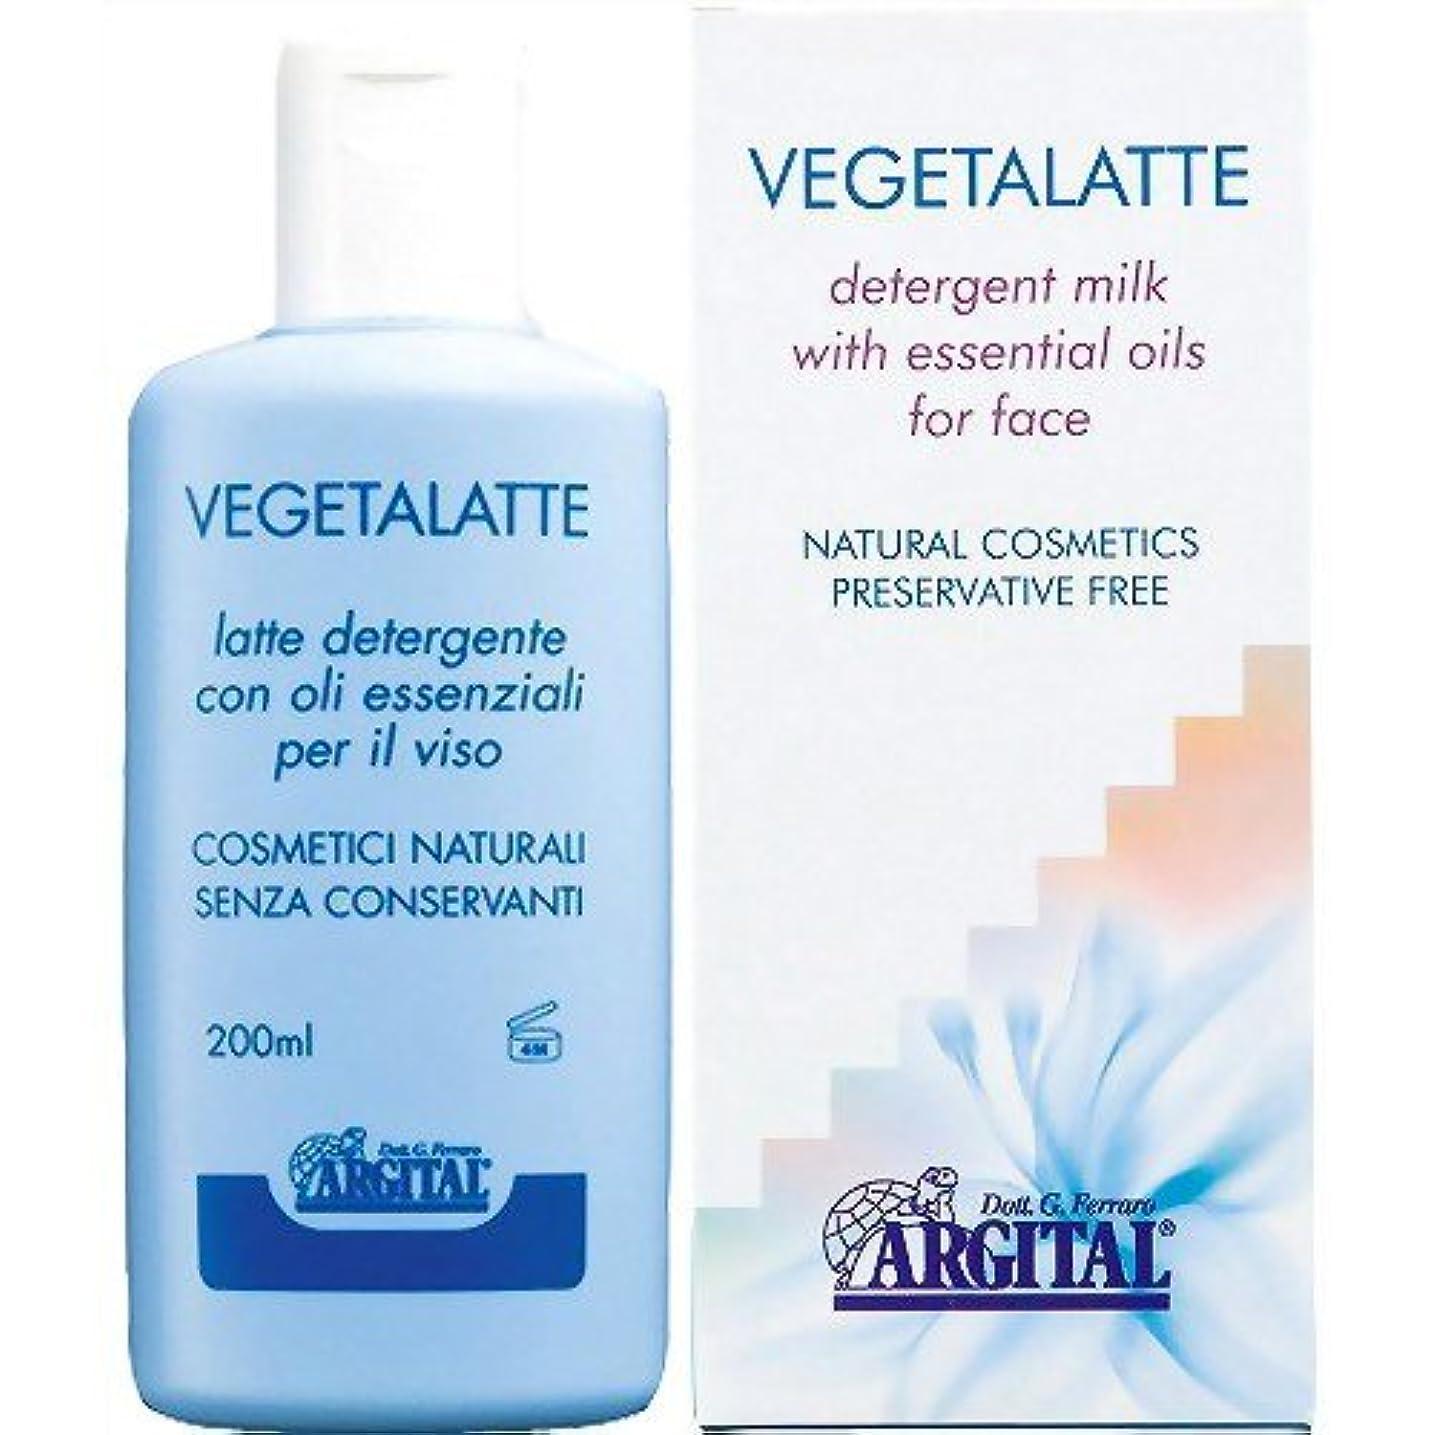 色合いエトナ山論争アルジタル ヴェジタラテ クレンジングミルク 200ml